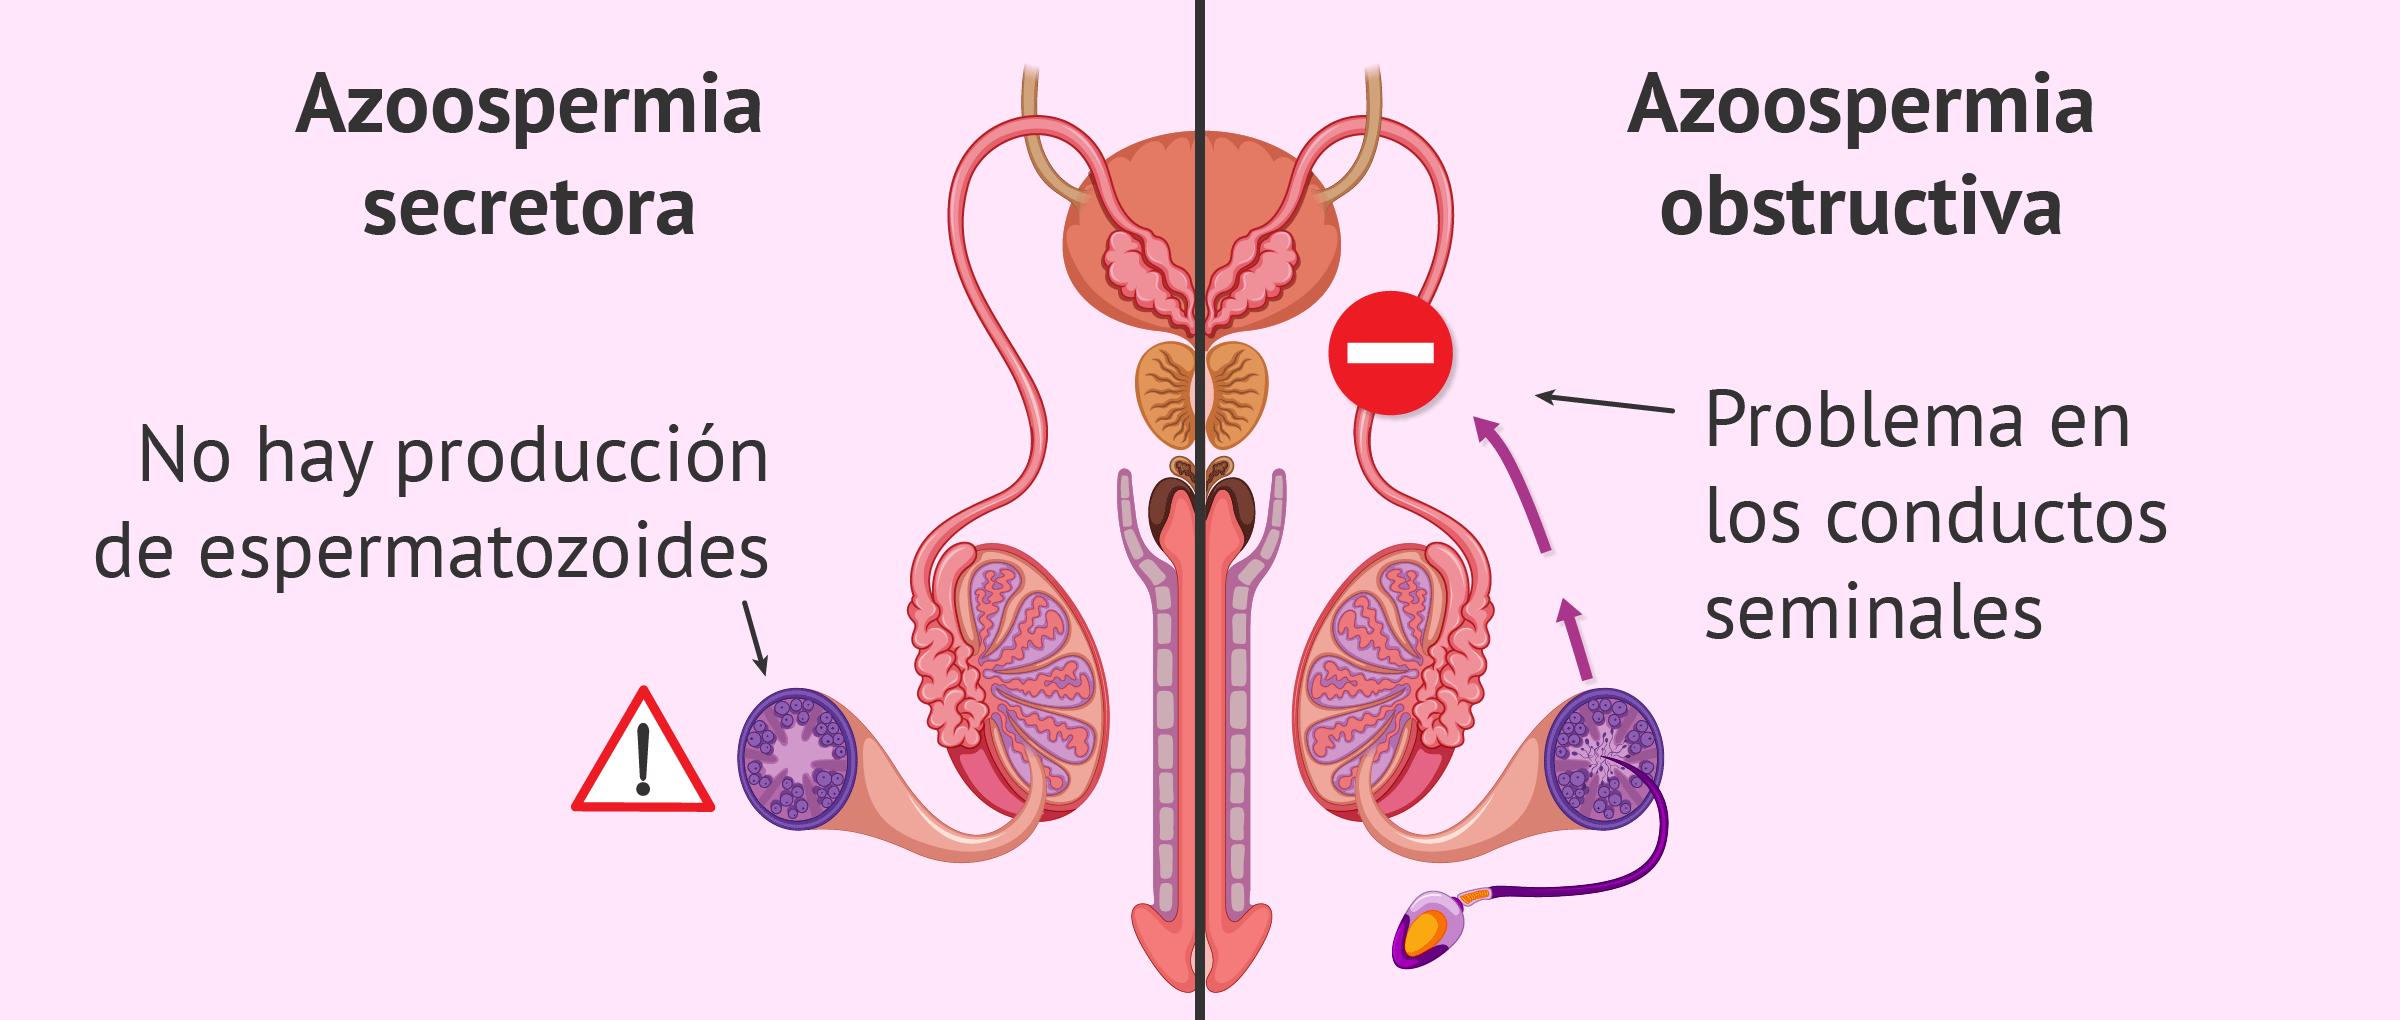 ¿Qué es la azoospermia? - Causas, diagnóstico y tratamiento